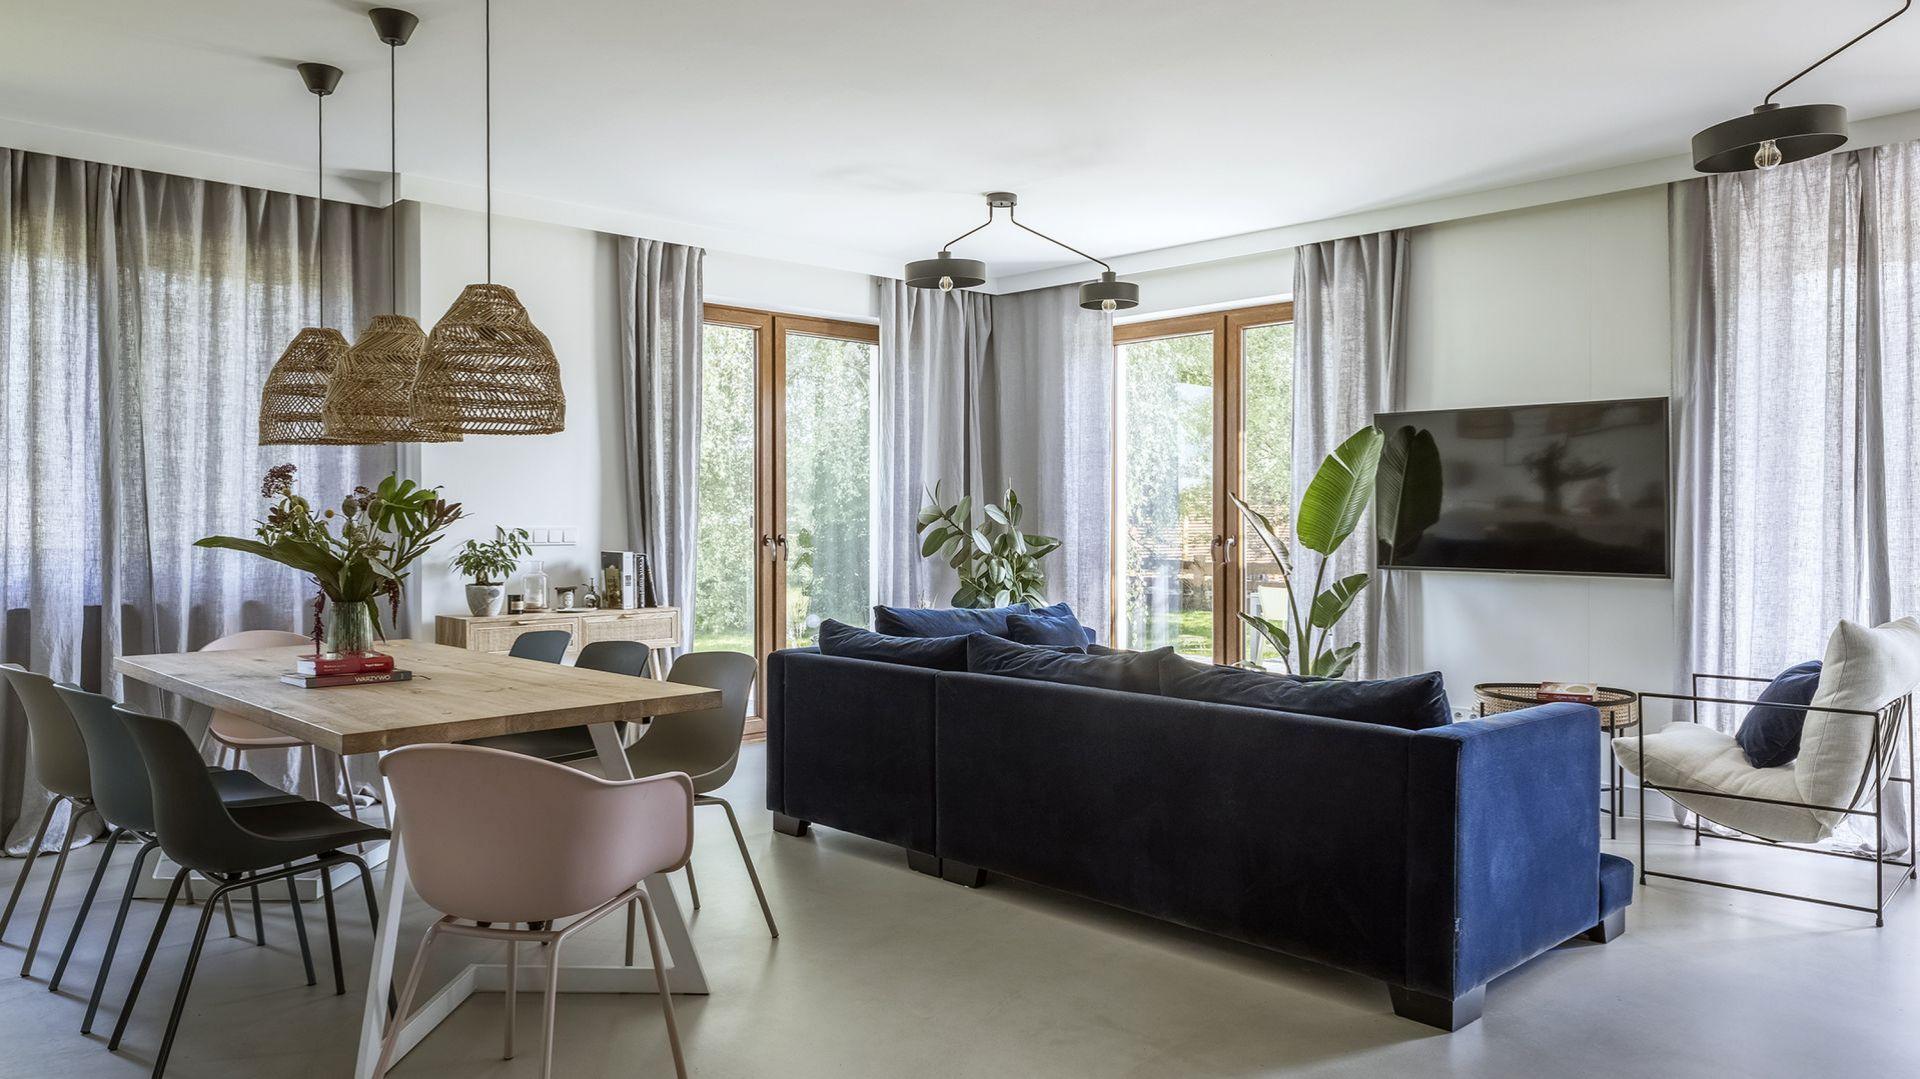 W tym salonie szare przejrzyste zasłony z ukrytym karniszem ocieplają wnętrze i dodają mu elegancji. Projekt Malwina Morelewska. Fot. Yassen Hristov